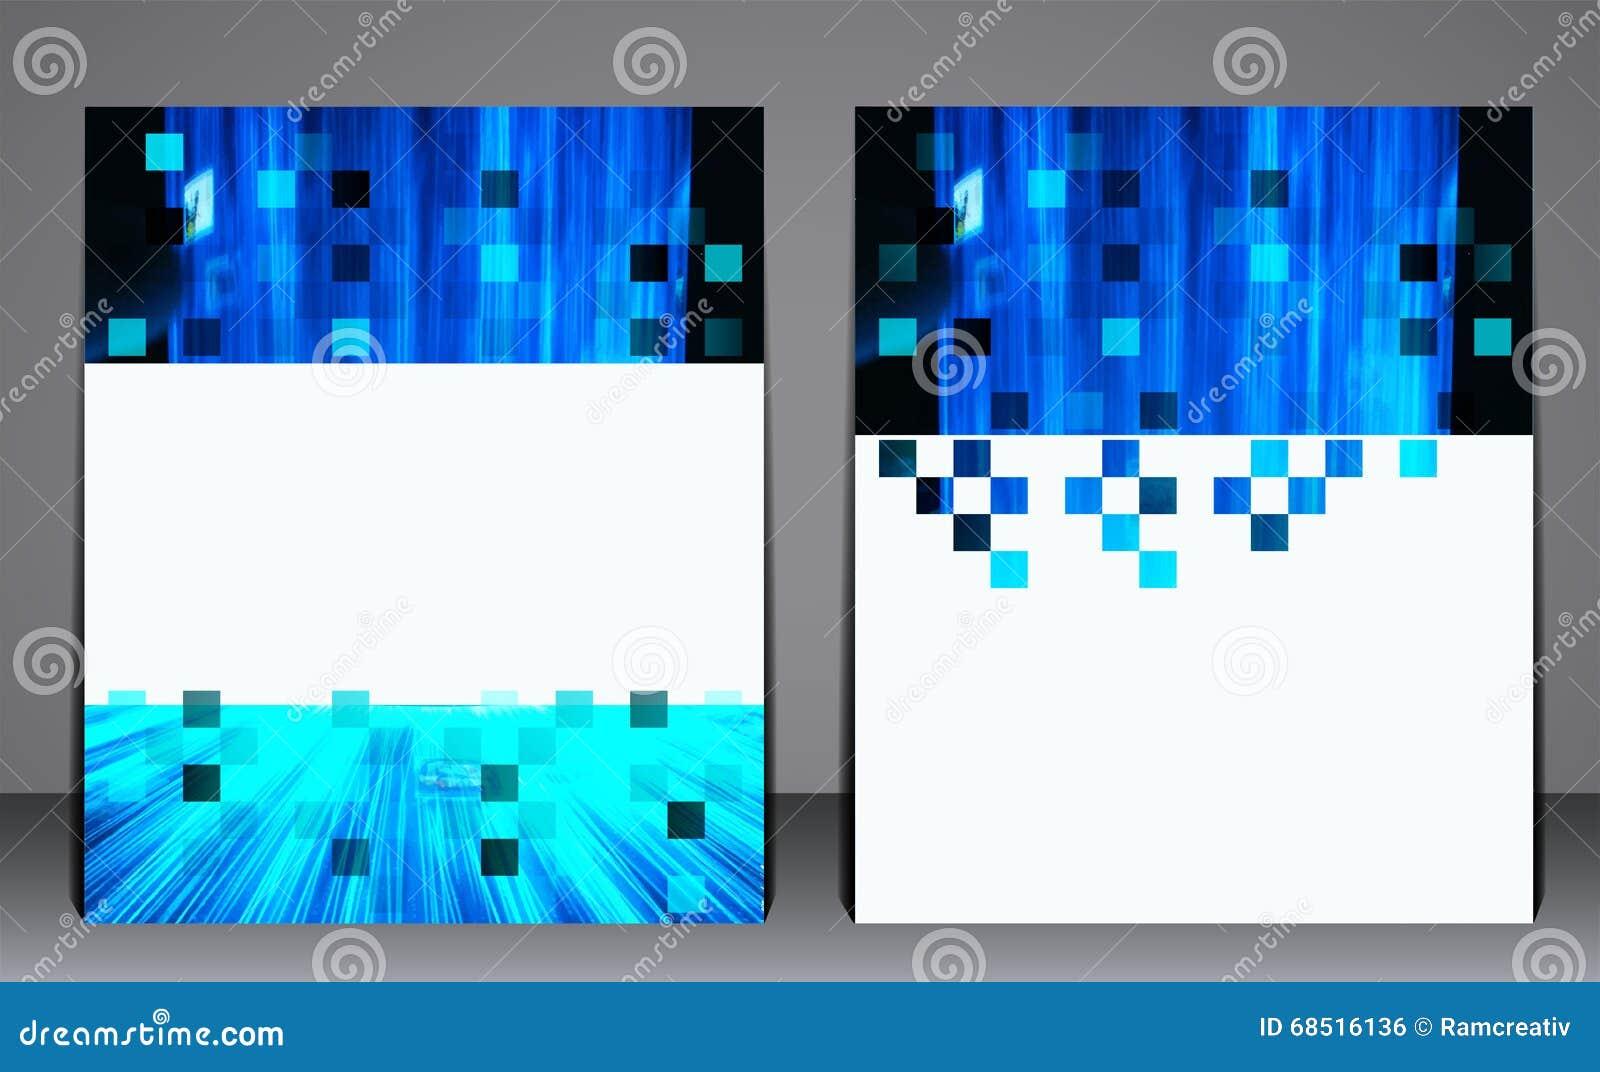 Αφηρημένο μπλε ιπτάμενο επιχειρησιακών φυλλάδιων, σχέδιο A4 στο μέγεθος, κάλυψη σχεδιαγράμματος, σχέδιο στο ψηφιακό γεωμετρικό ύφ